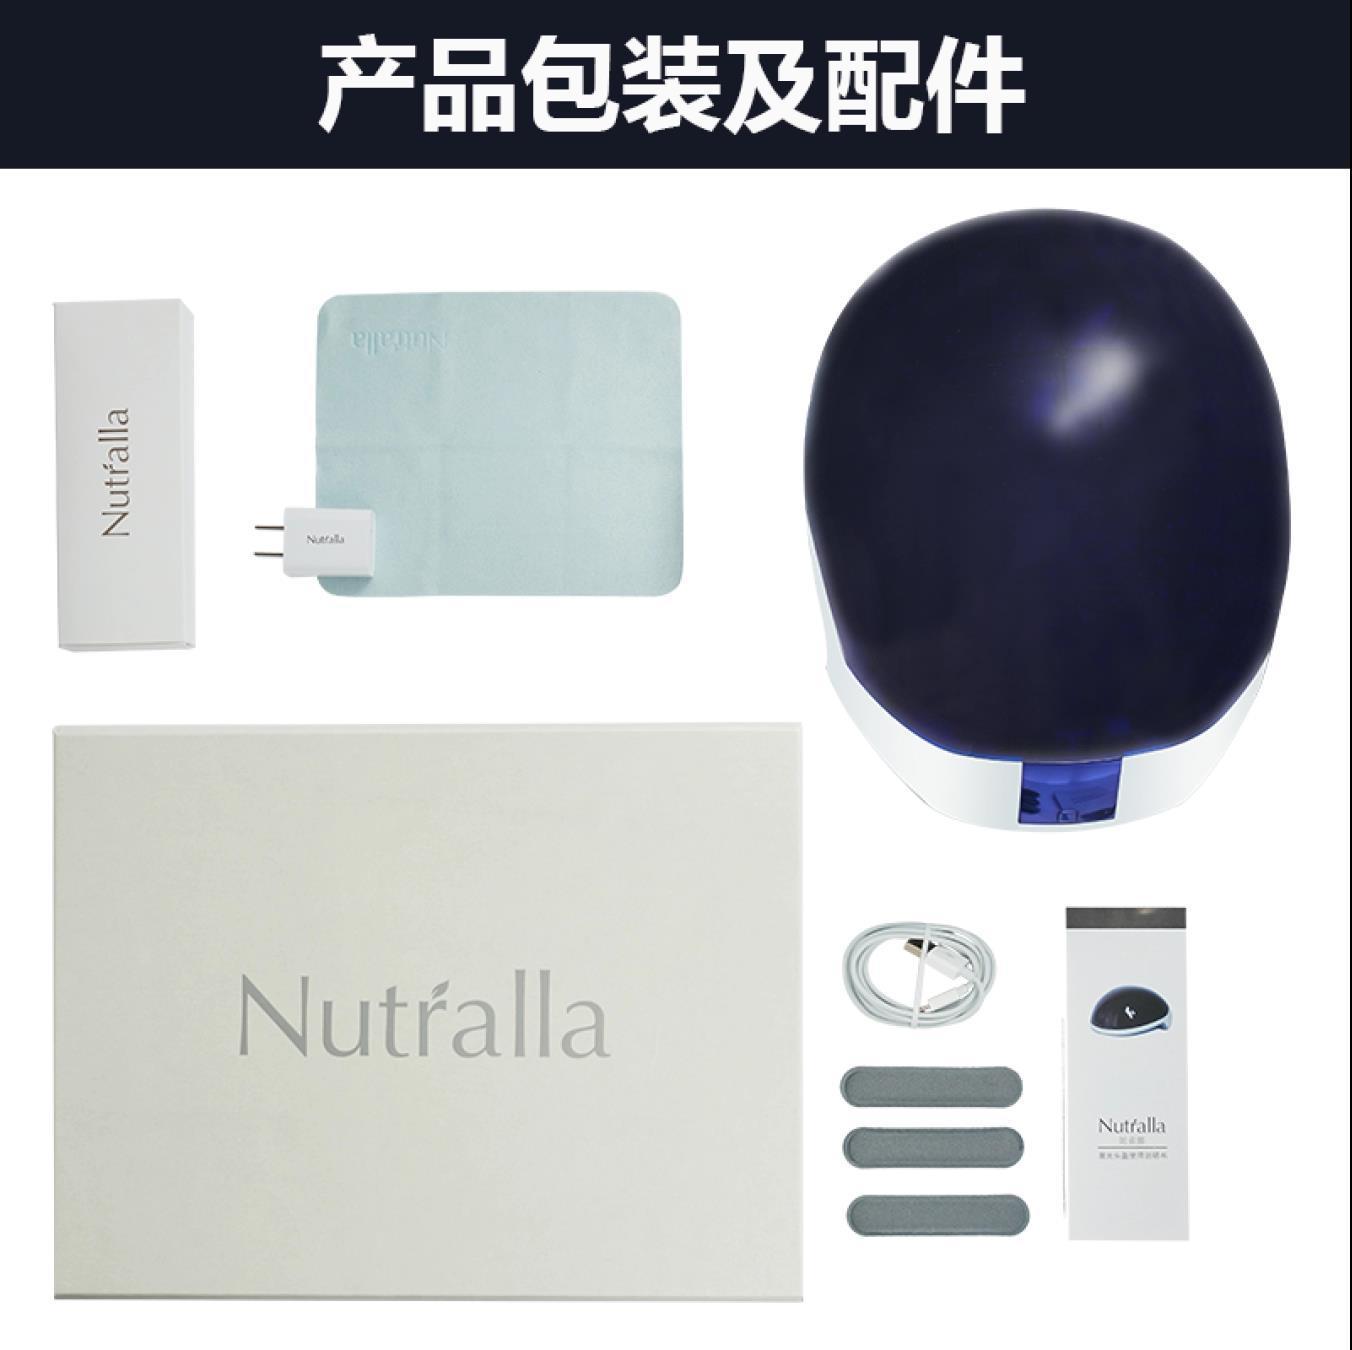 【妮雀娜】(Nutralla) 斯帕克spark激光头盔生发仪器防脱发生发妮雀娜激光生发仪梳头盔120颗 蓝色